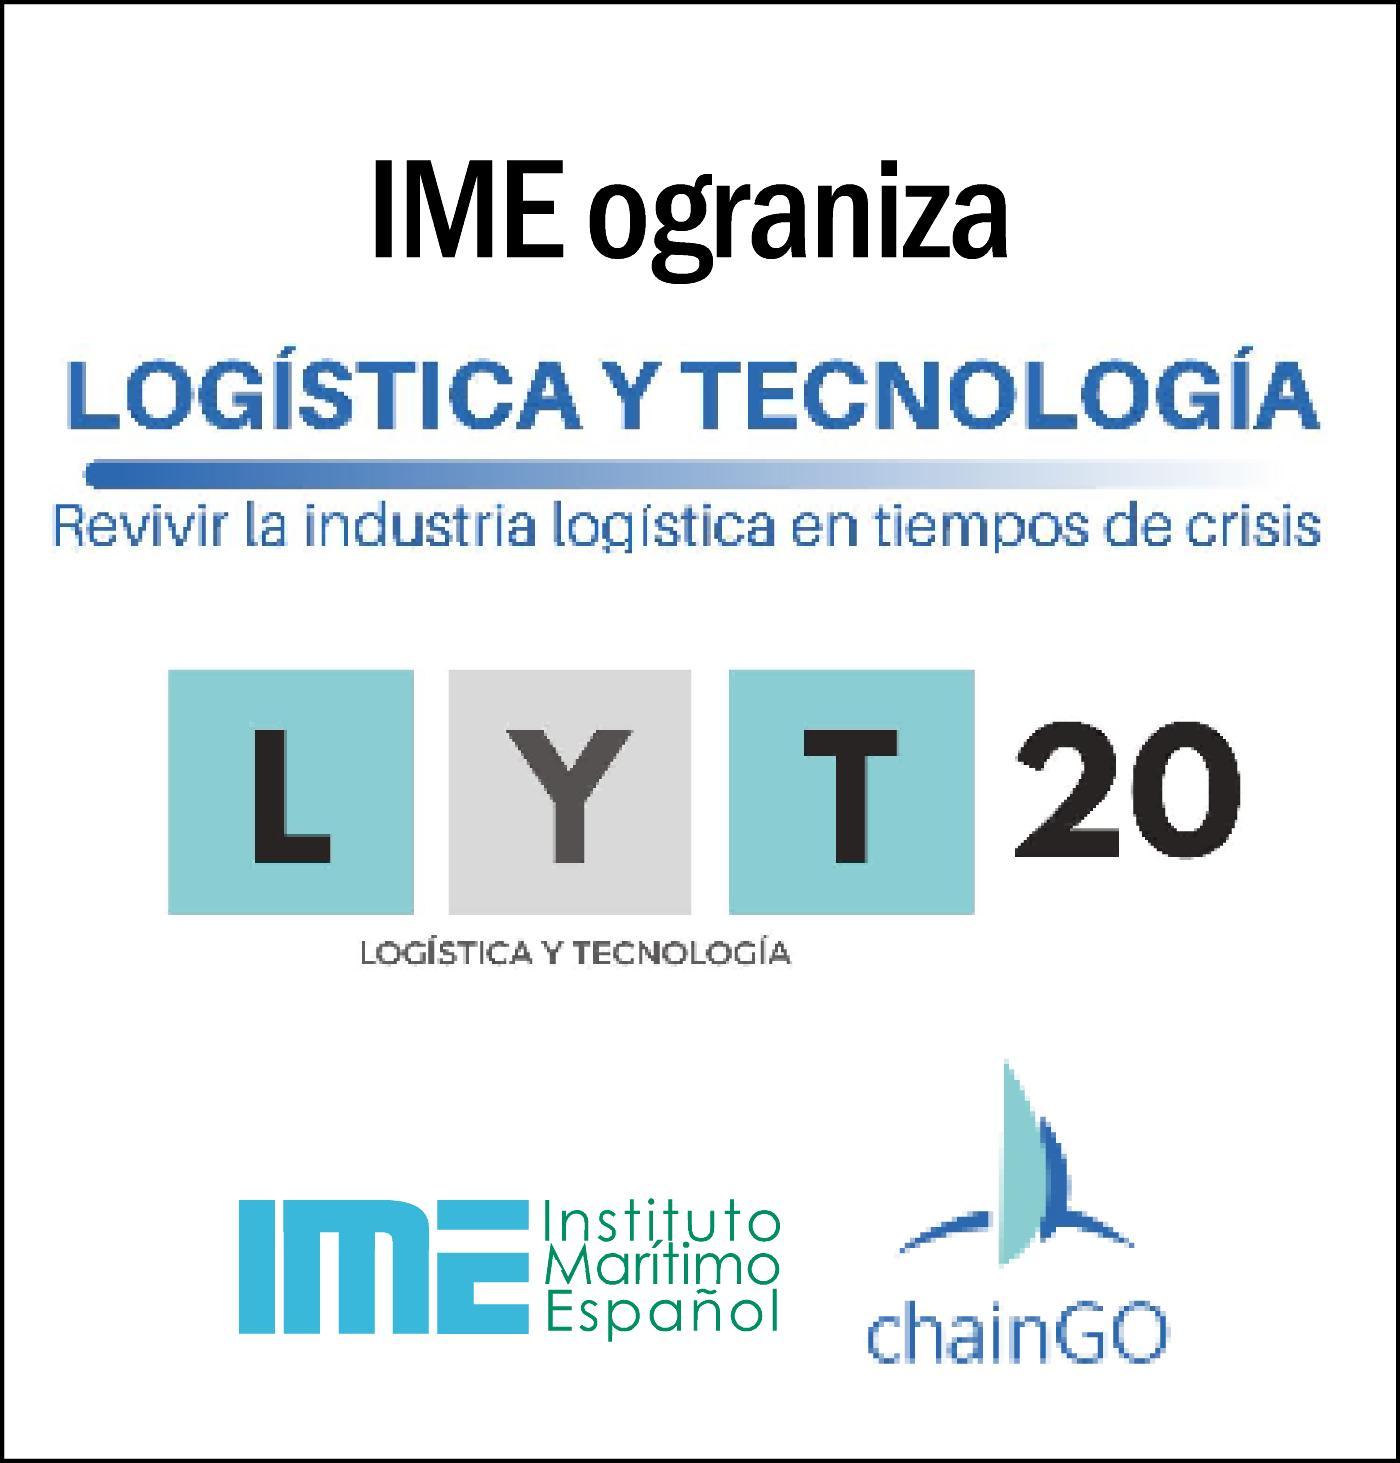 IME organiza el evento de referencia en Logística y Tecnología (30/9/20)